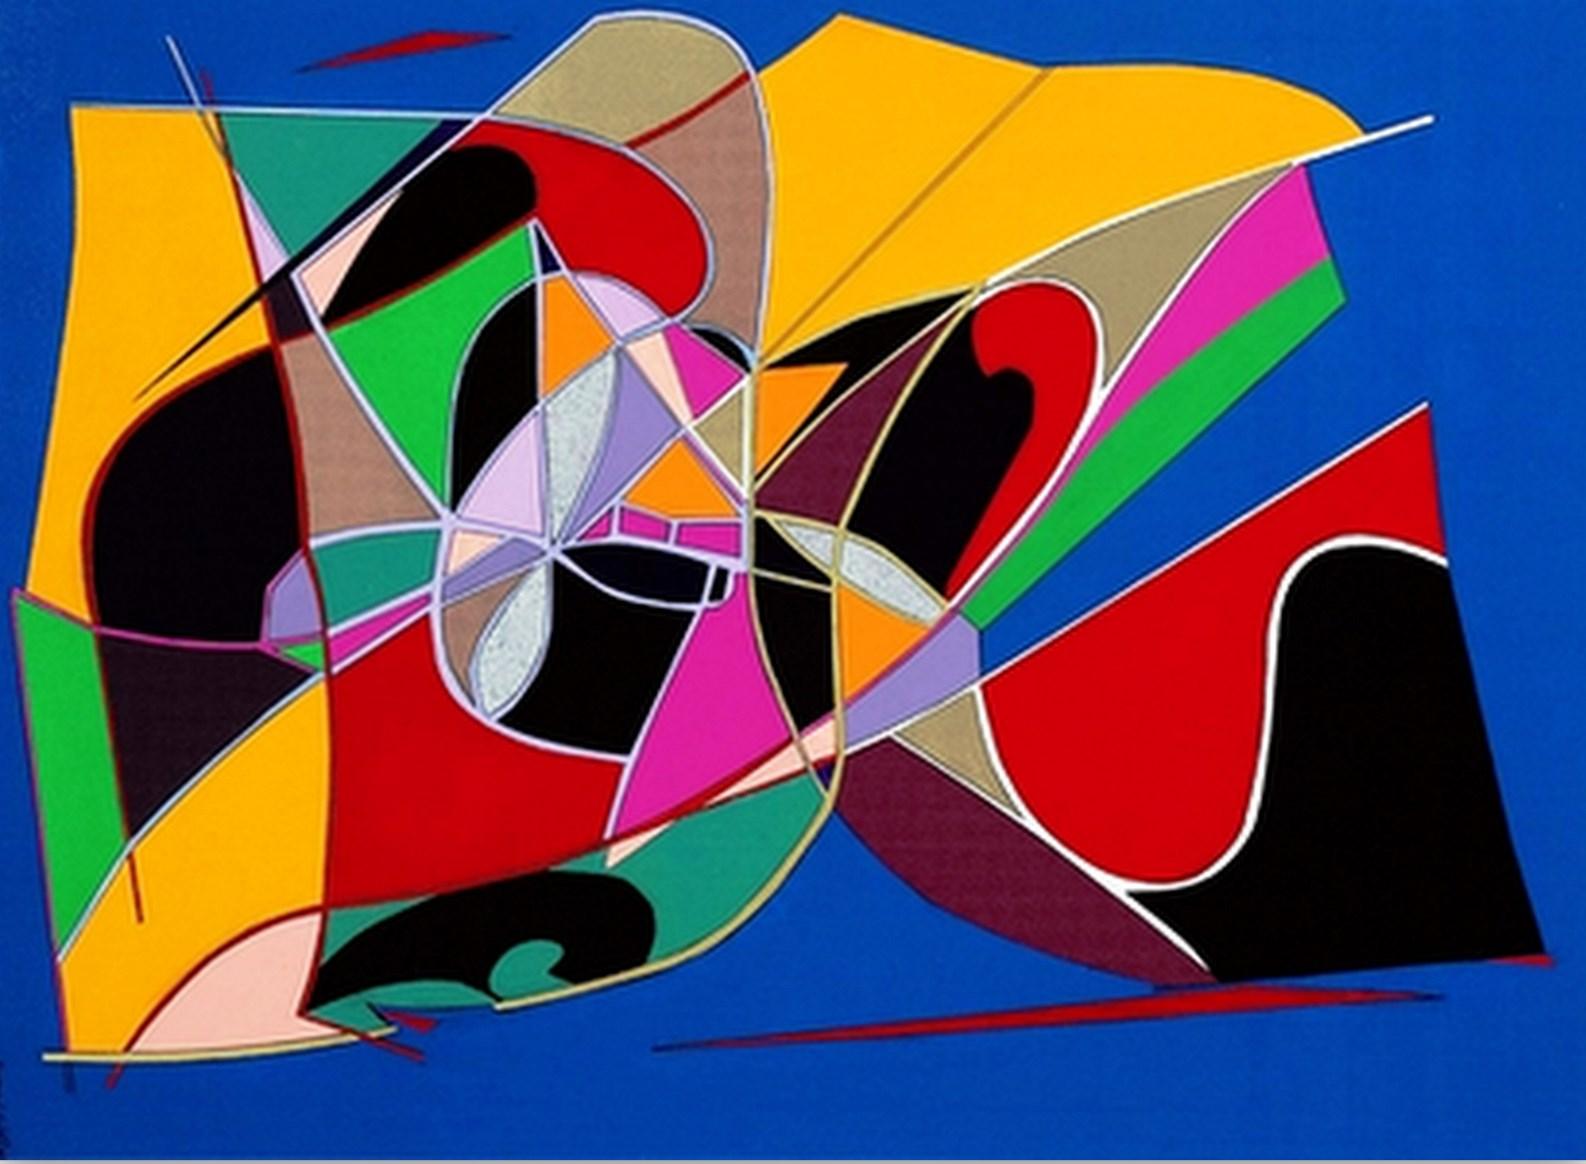 40 Imágenes Abstractas Para Descargar E Imprimir: Cuadros Modernos Pinturas Y Dibujos : Modernos Oleos Multi